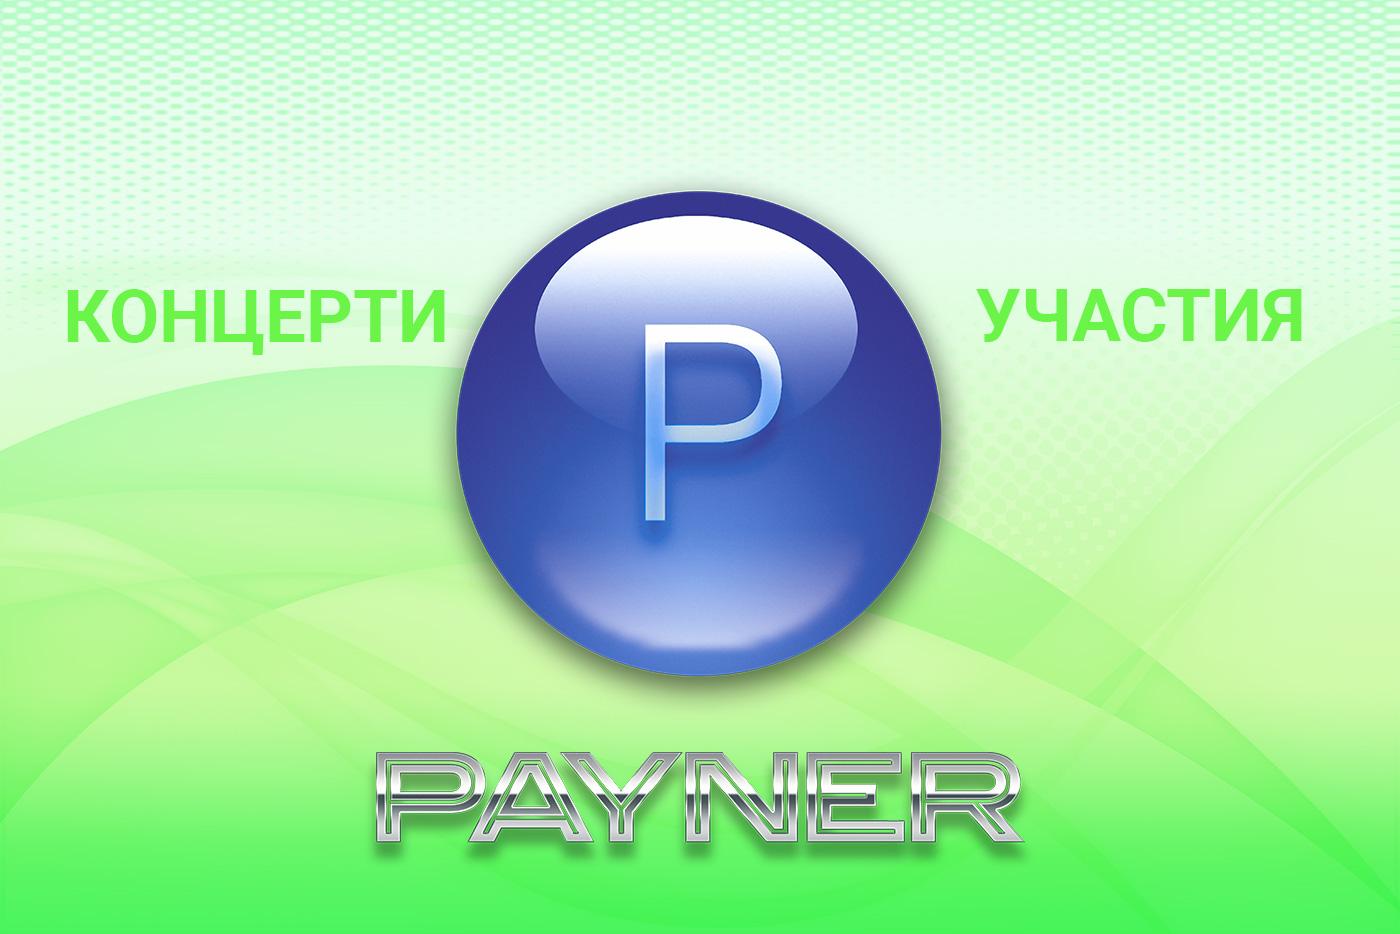 """Участия на звездите на """"Пайнер"""" на 23.08.2018"""